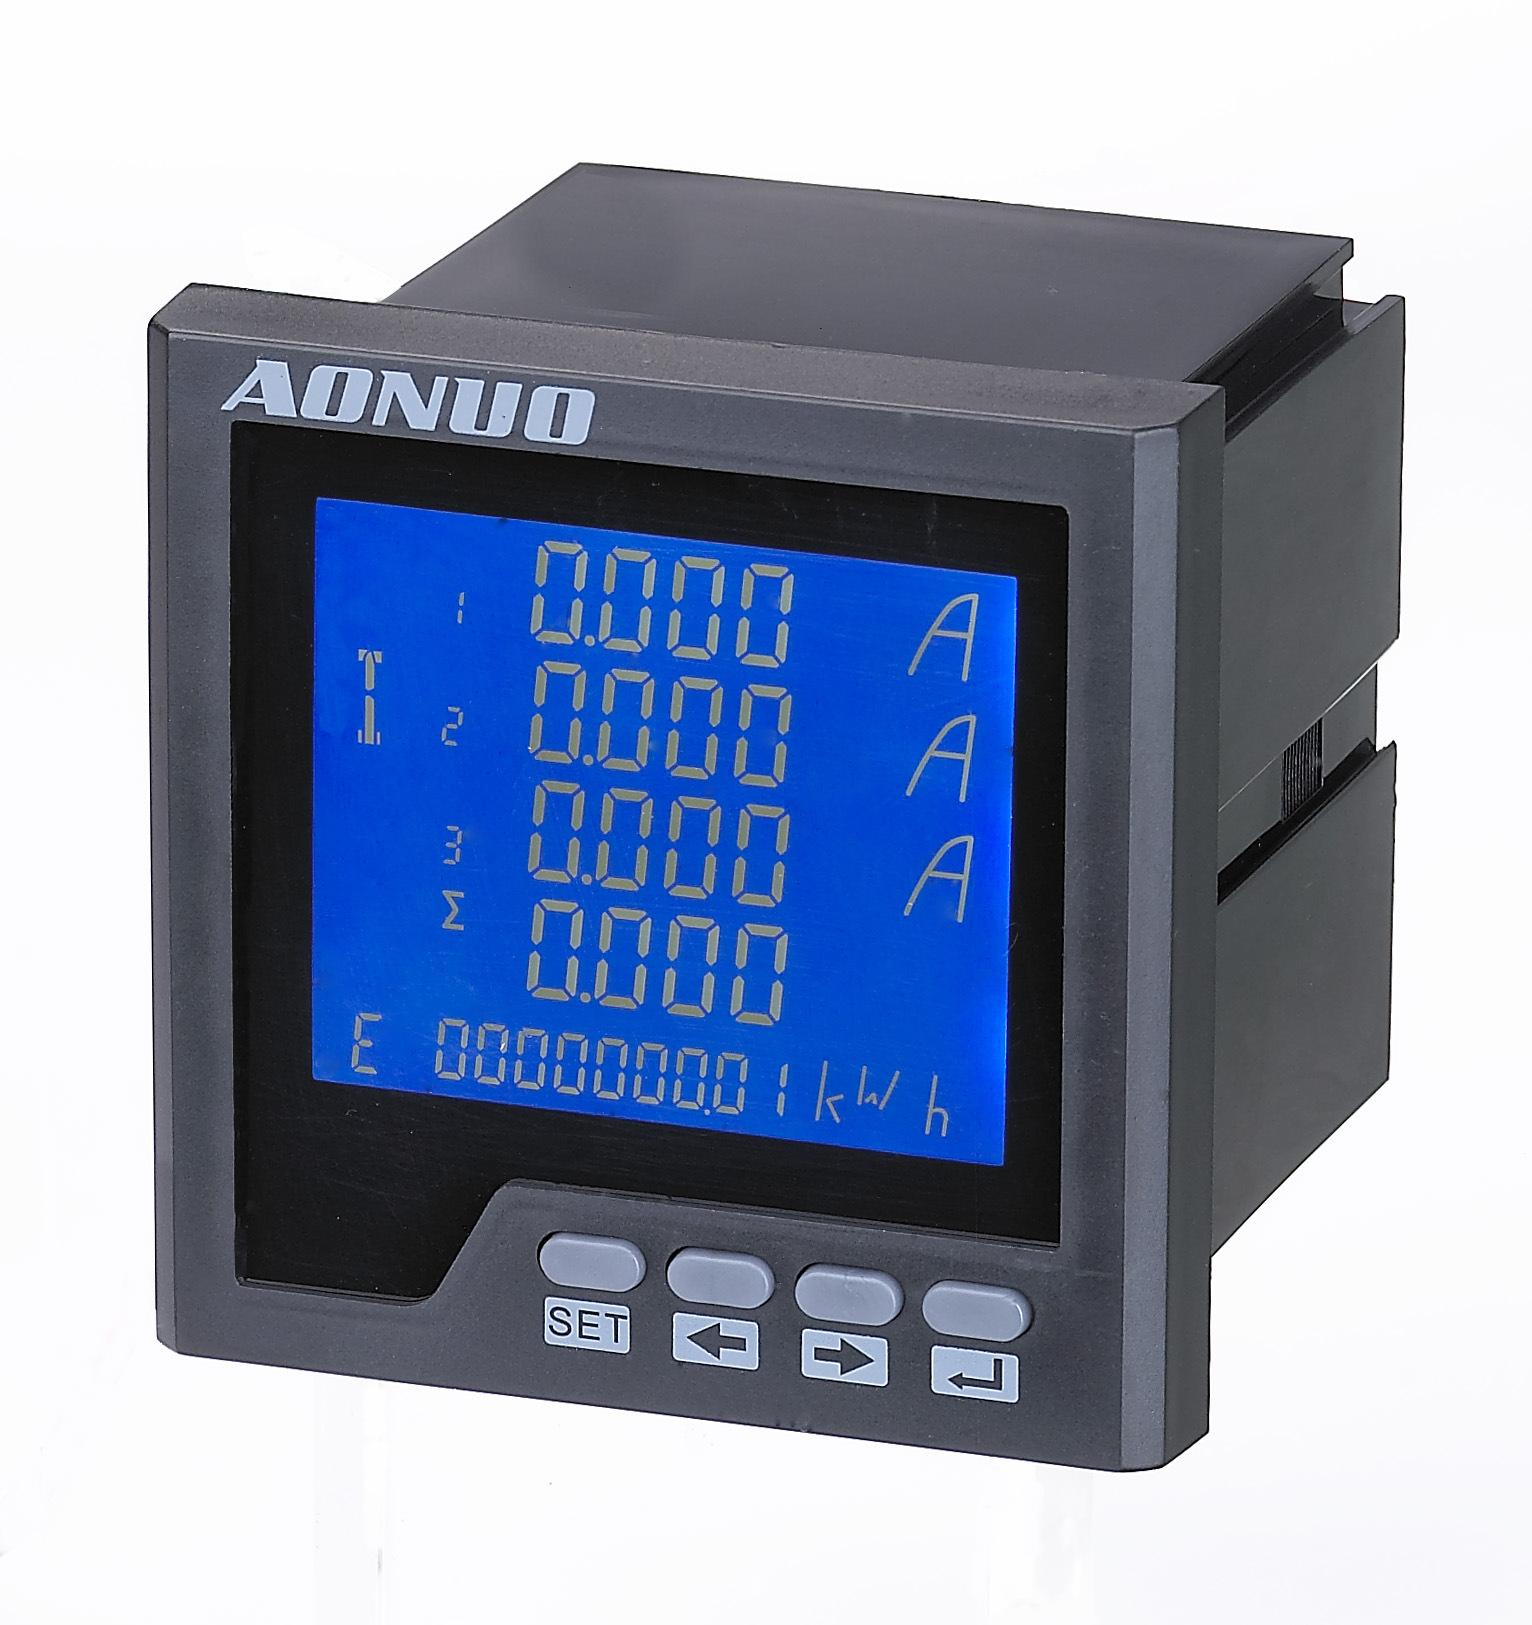 AONUO Đồng hồ đo điện Nhà máy trực tiếp thông minh ba pha LCD đa chức năng hiển thị kỹ thuật số đồng